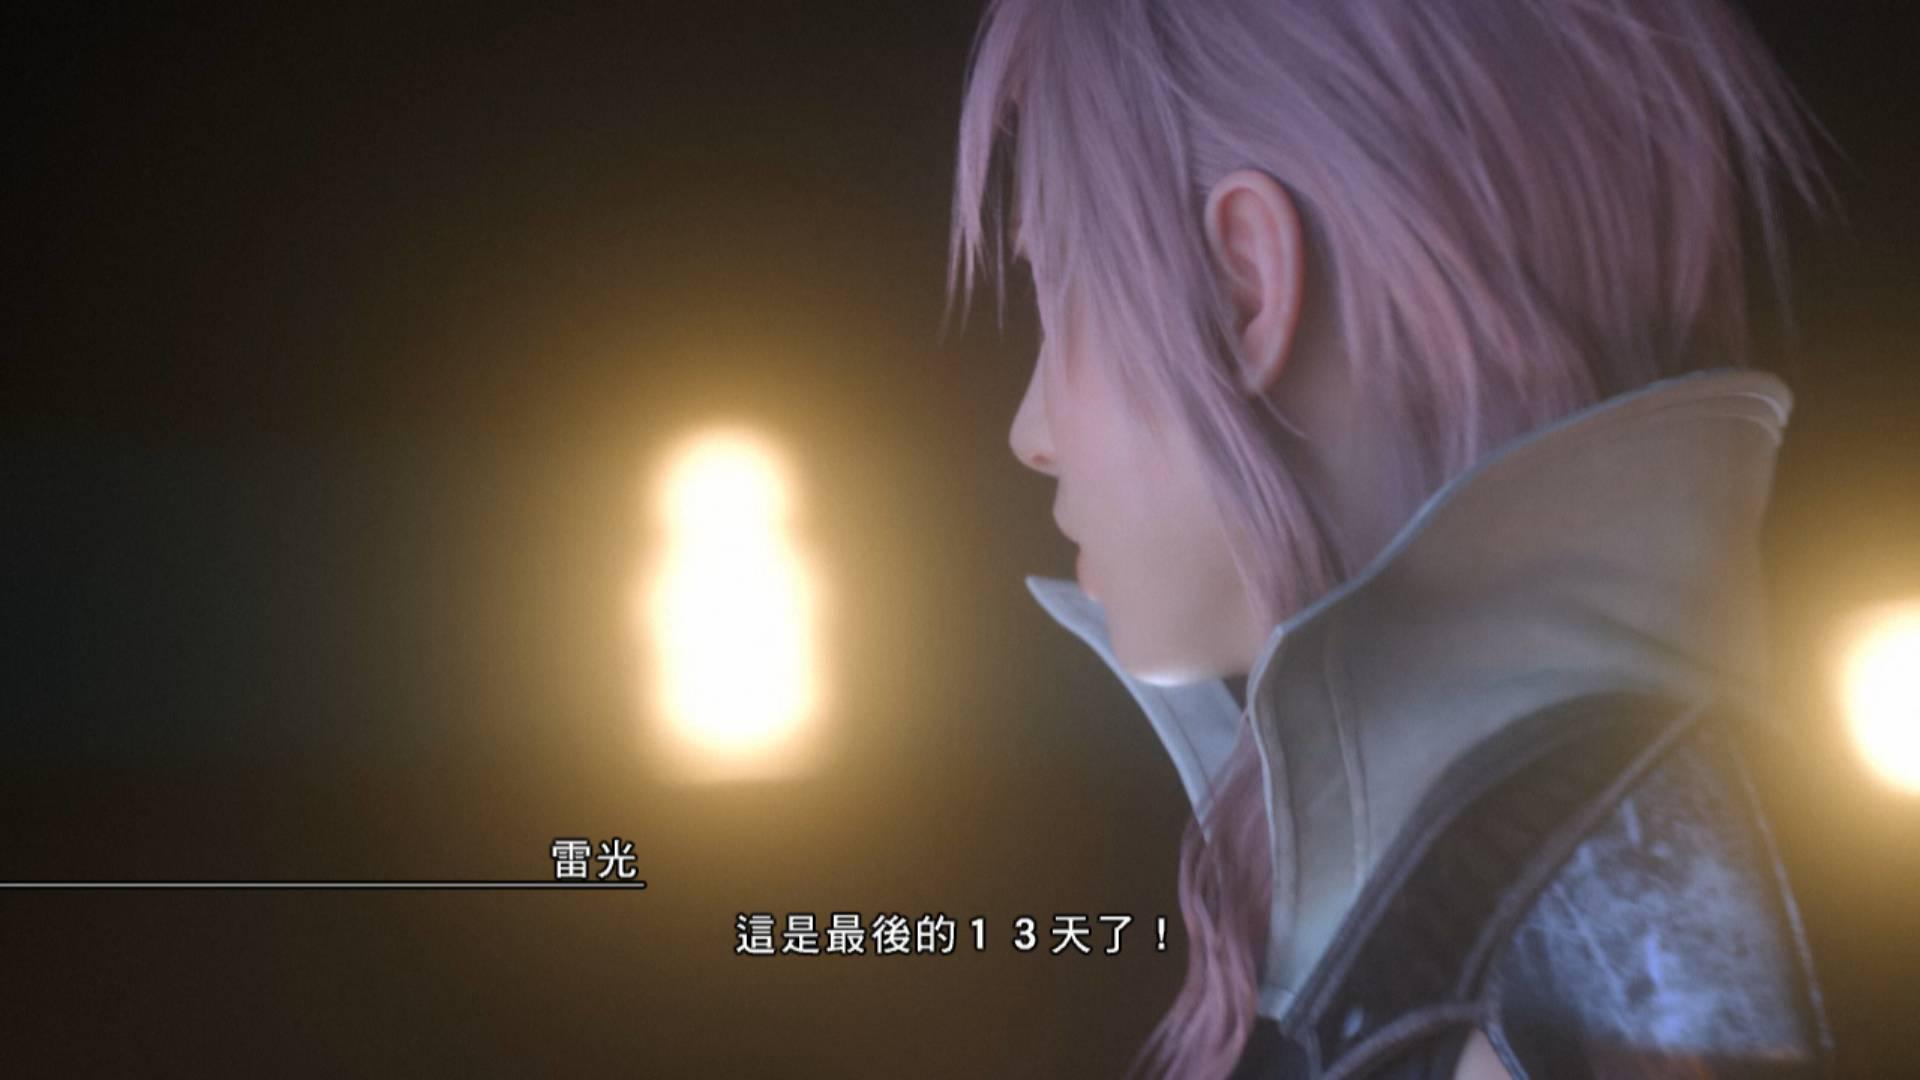 最终幻想13-3/LIGHTNING RETURNS: FINAL FANTASY XIII/最终幻想13:雷霆归来插图4